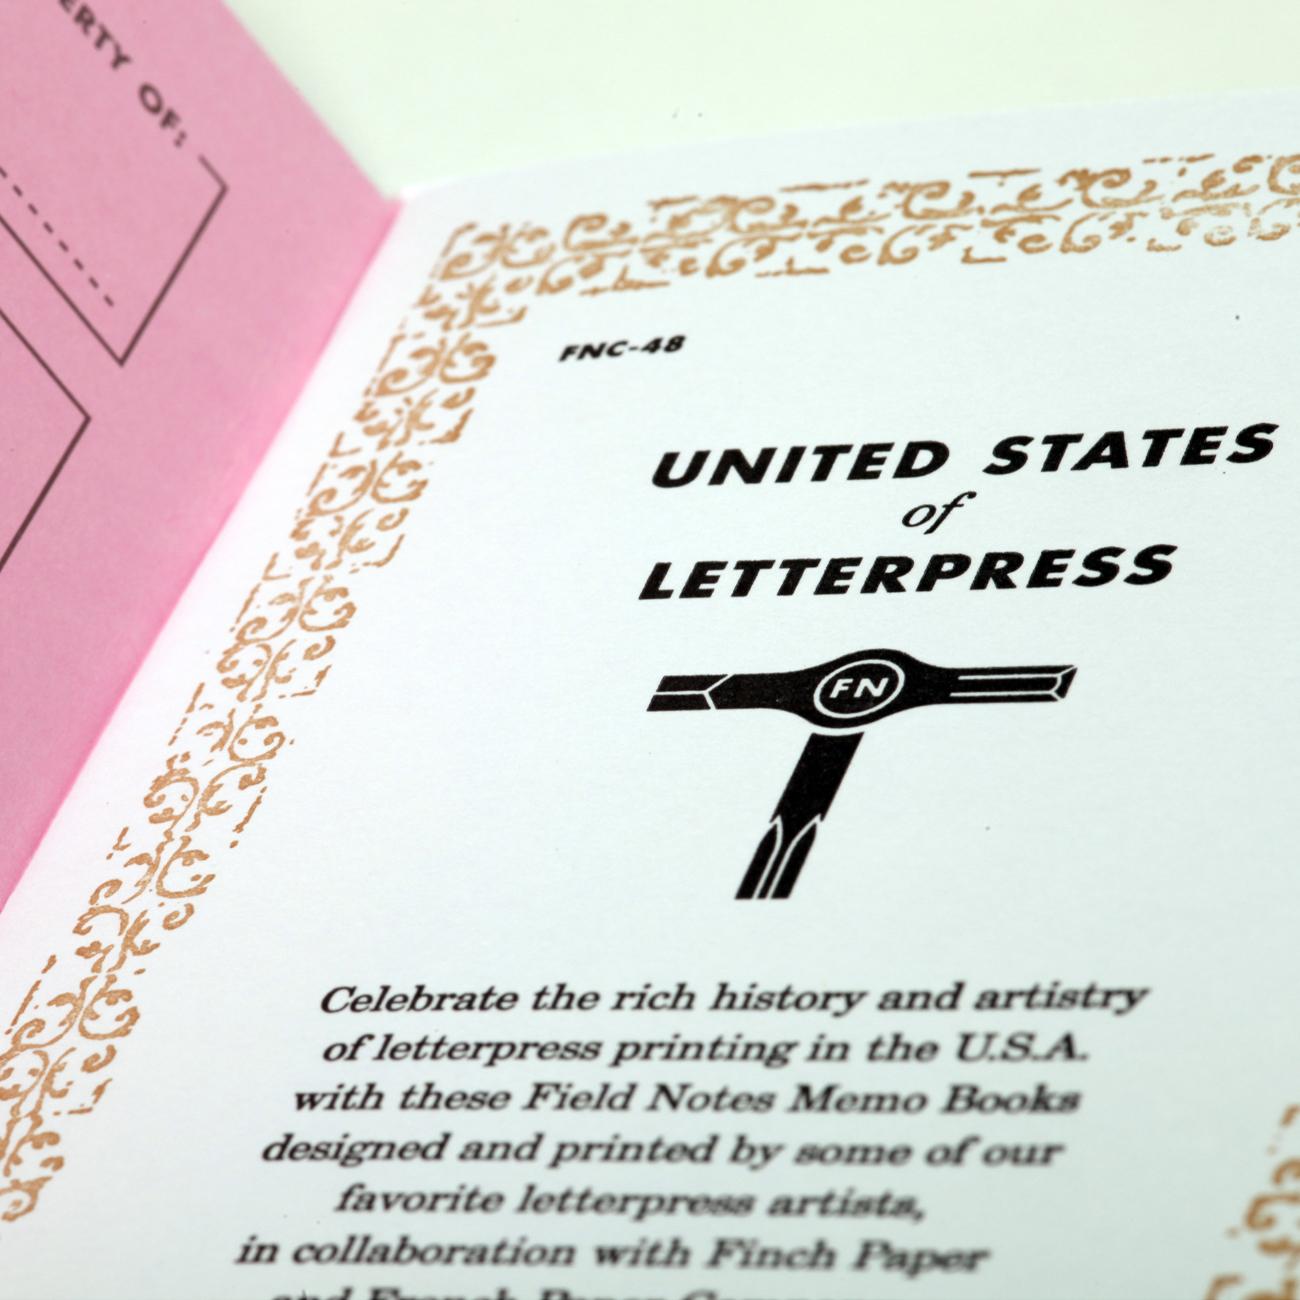 Field Notes, Innenseite Letterpress Edition, Detail,